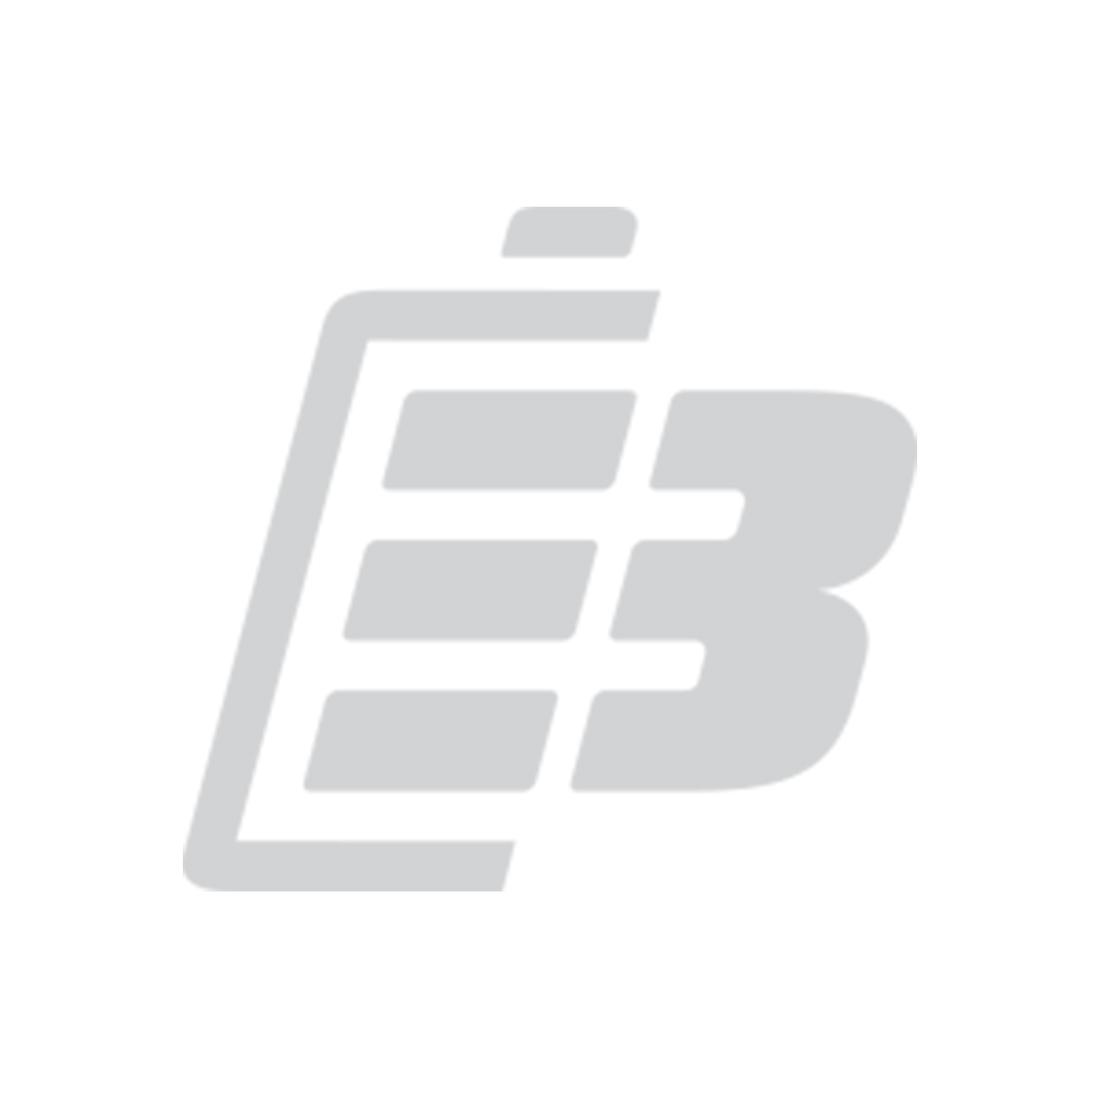 Μπαταρία tablet Samsung Galaxy Tab 7.0_1